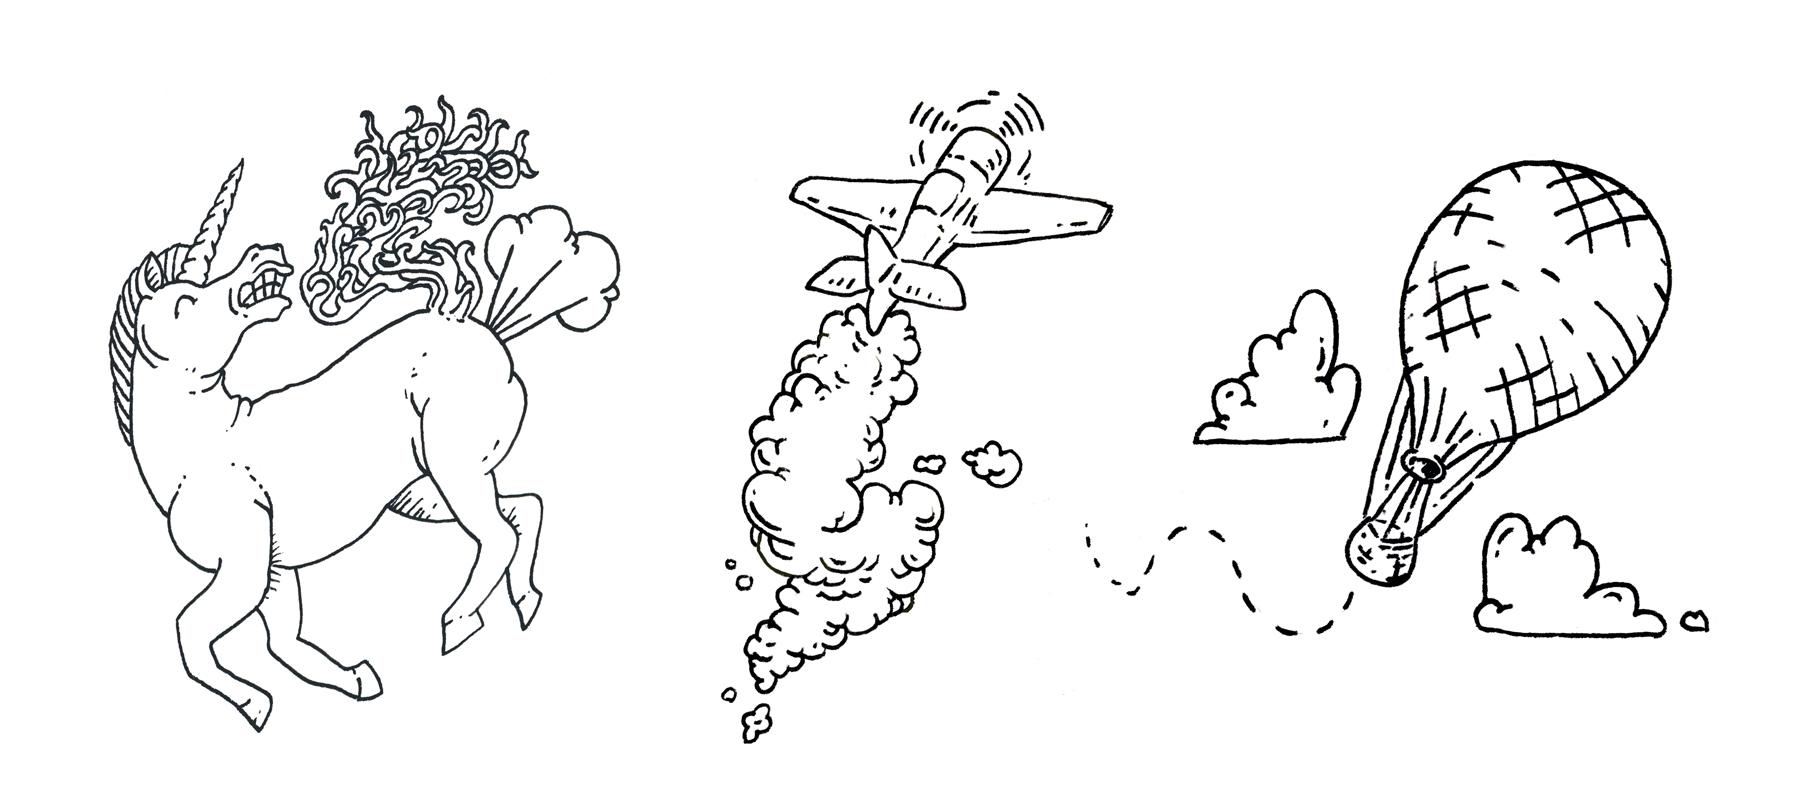 Taylor-Baldry-Spot-Illustrations-UUA-1.jpg